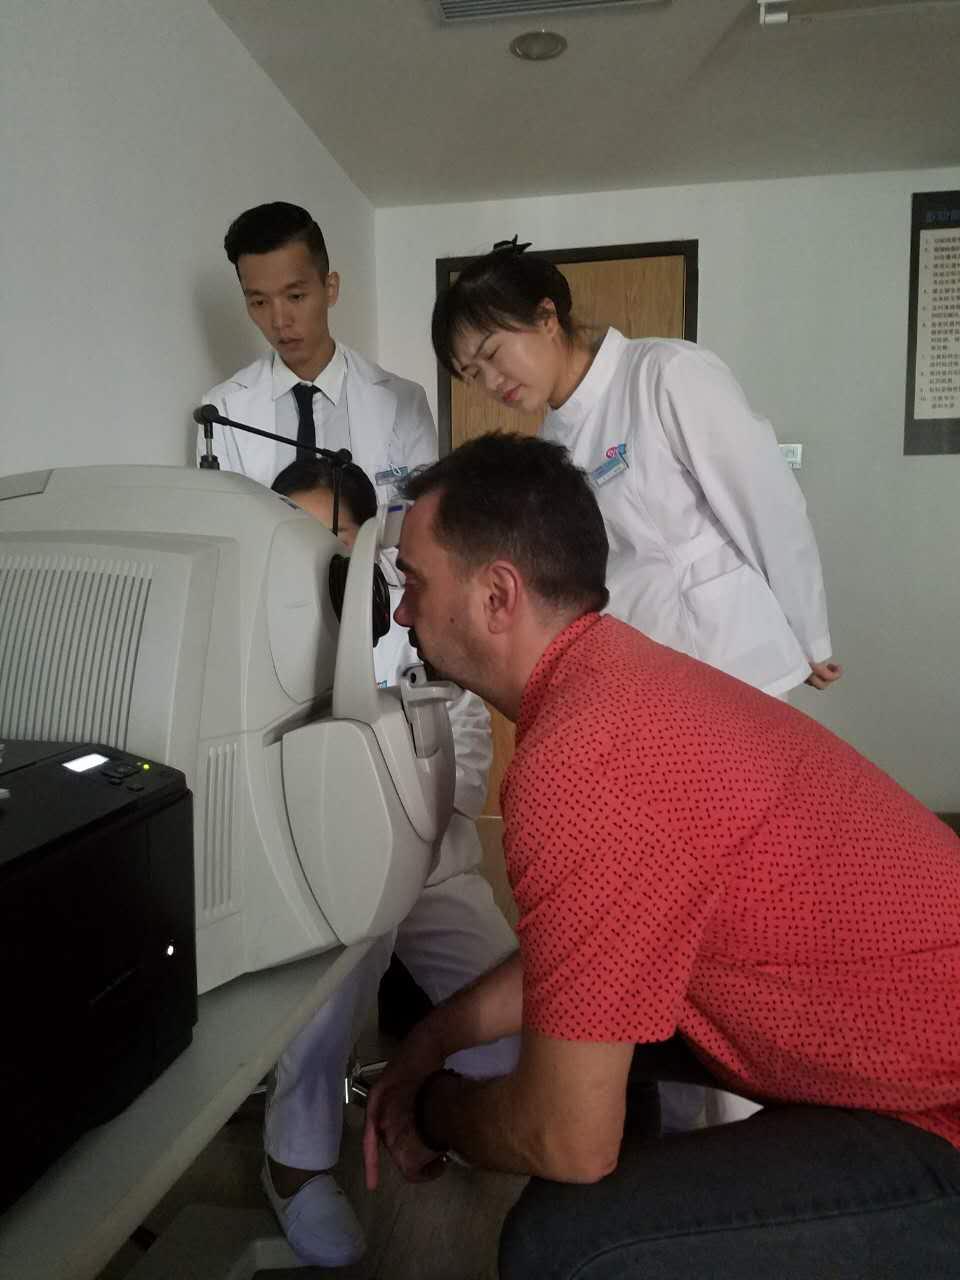 Ovidiu Simion recibe revisión visual en el hospital